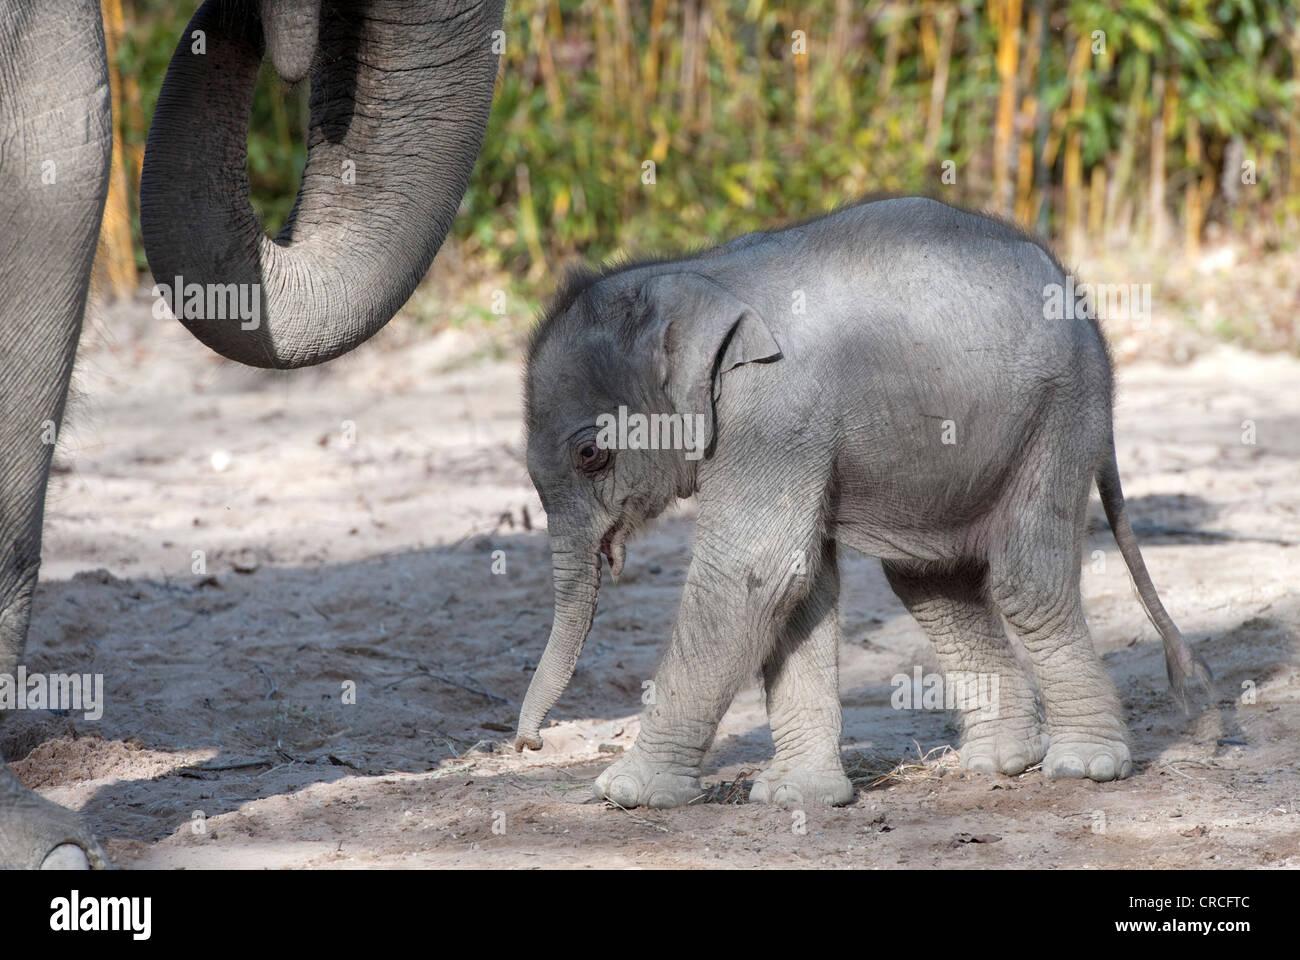 Elefante asiatico (Elephas maximus), femmina baby elephant, 11 giorni, durante la prima incursione nel contenitore Immagini Stock